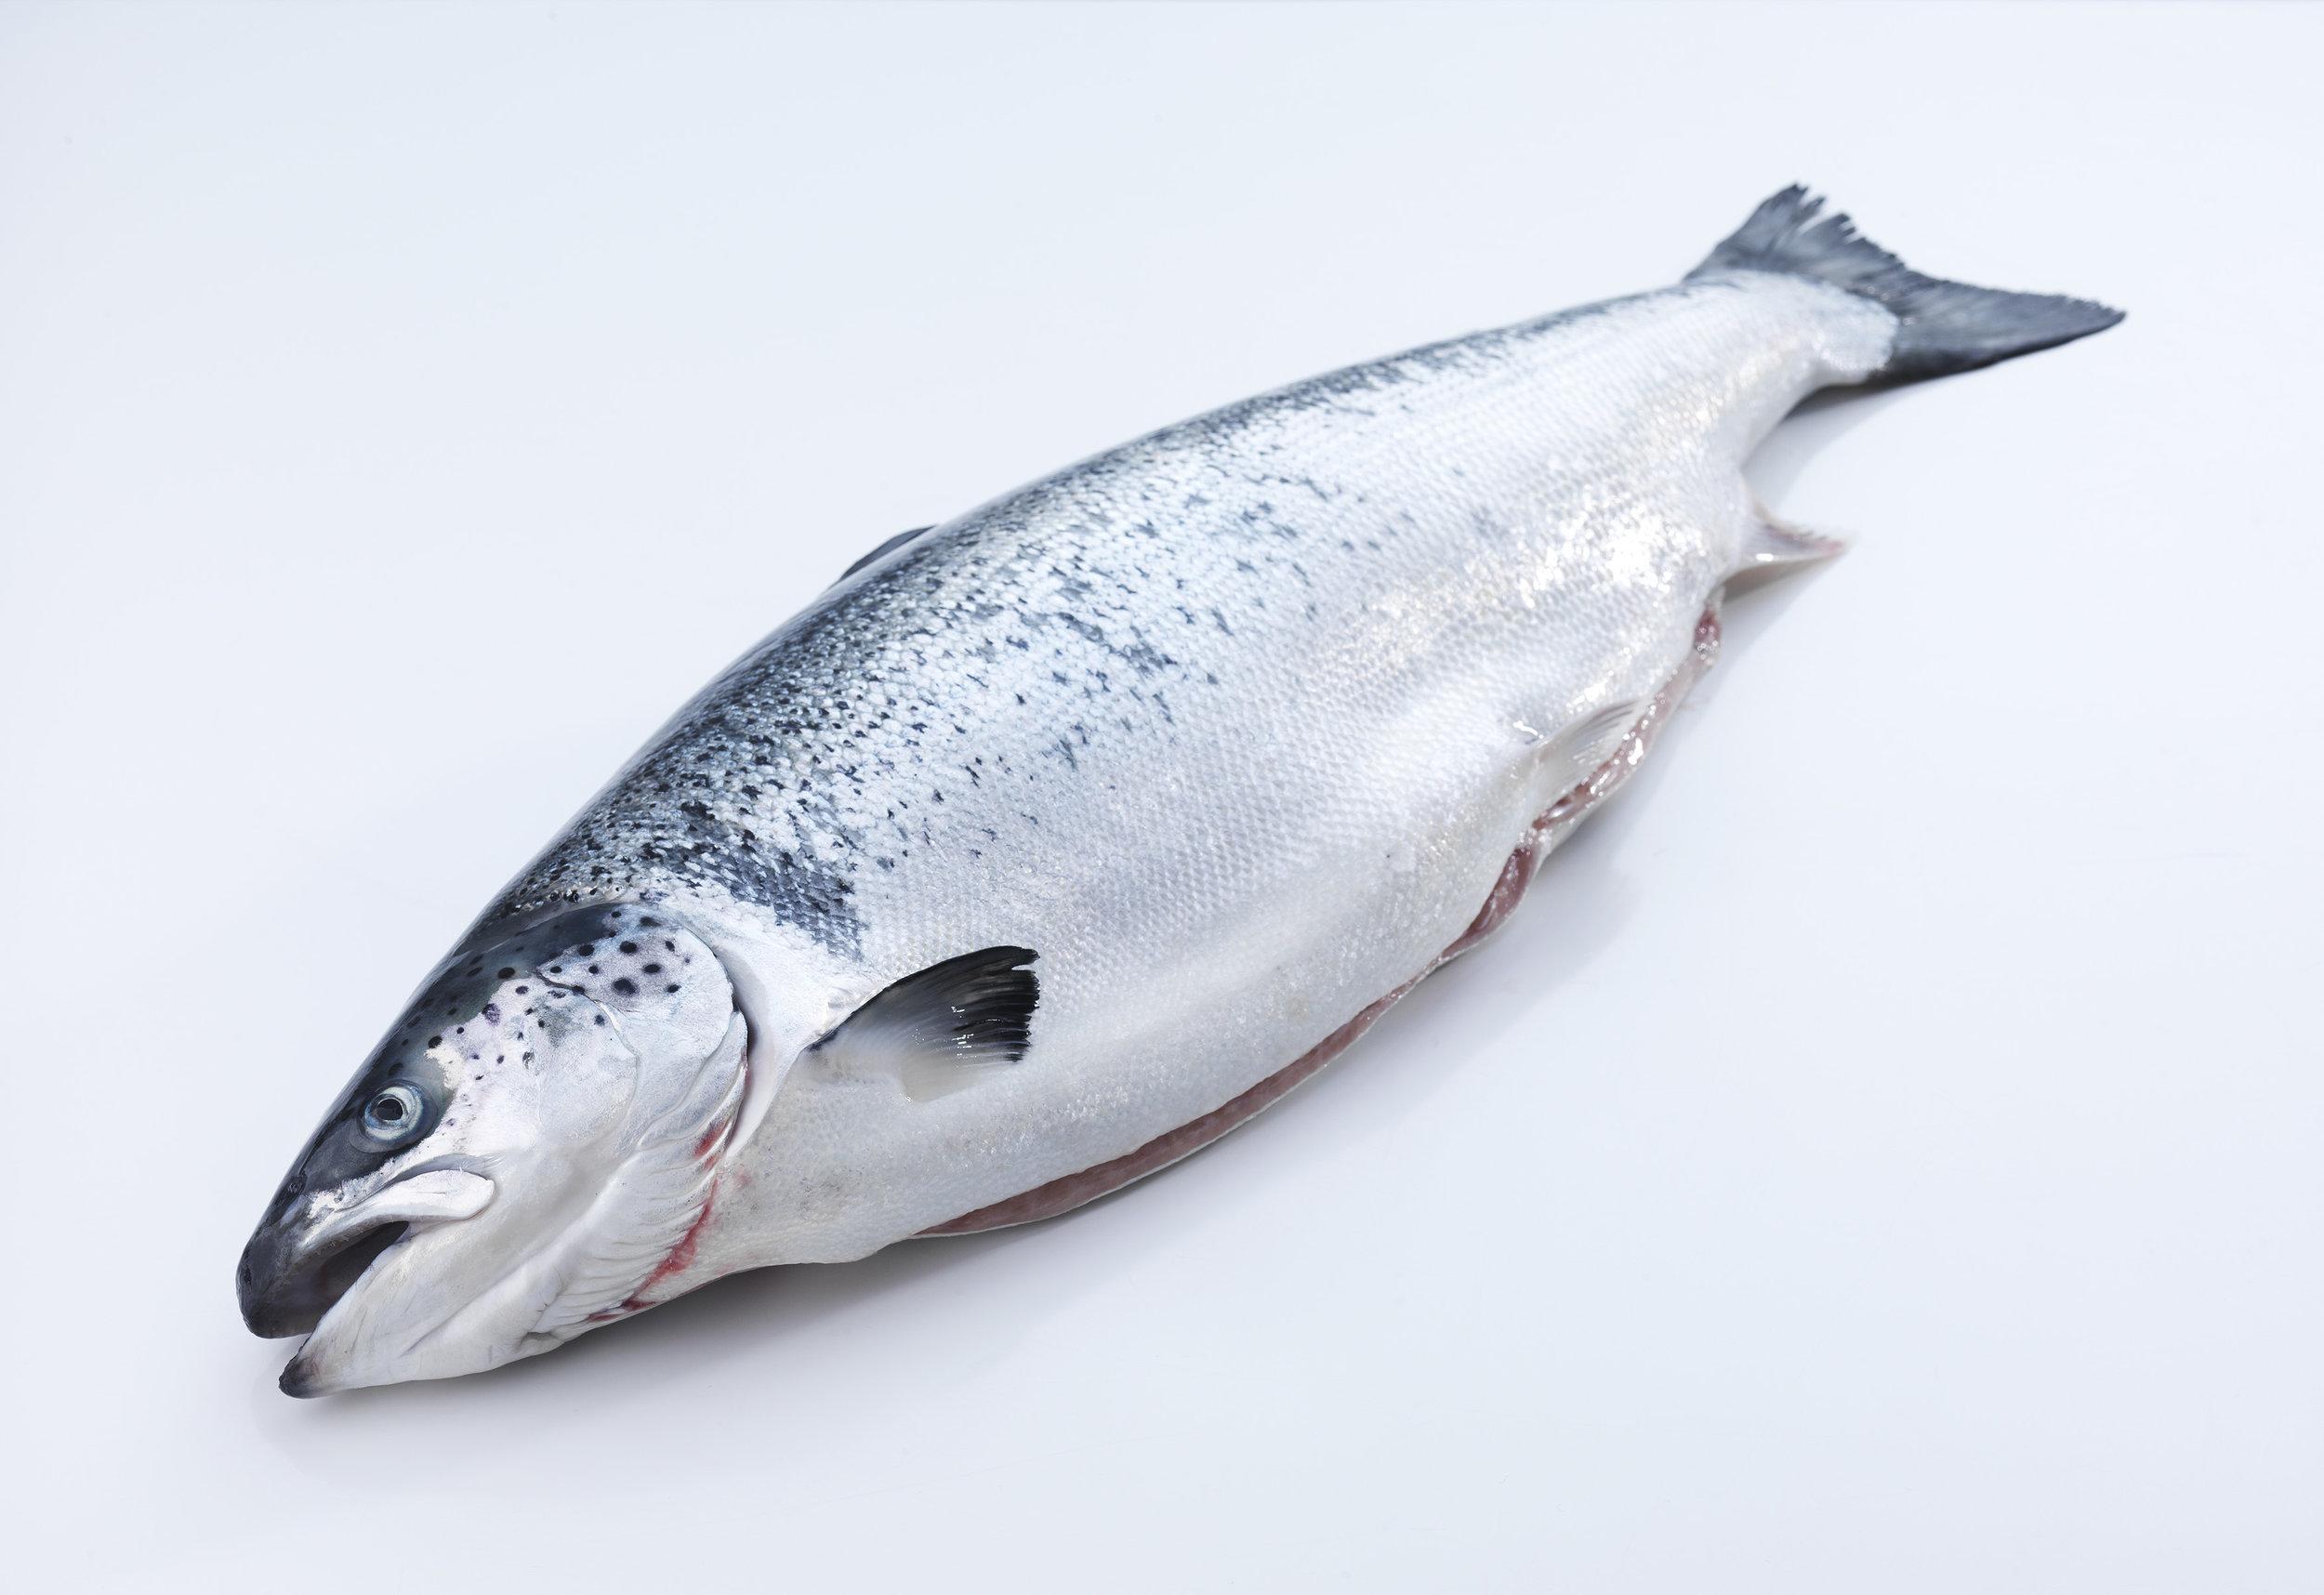 Fresh HOG salmon. Photo: Tom Haga